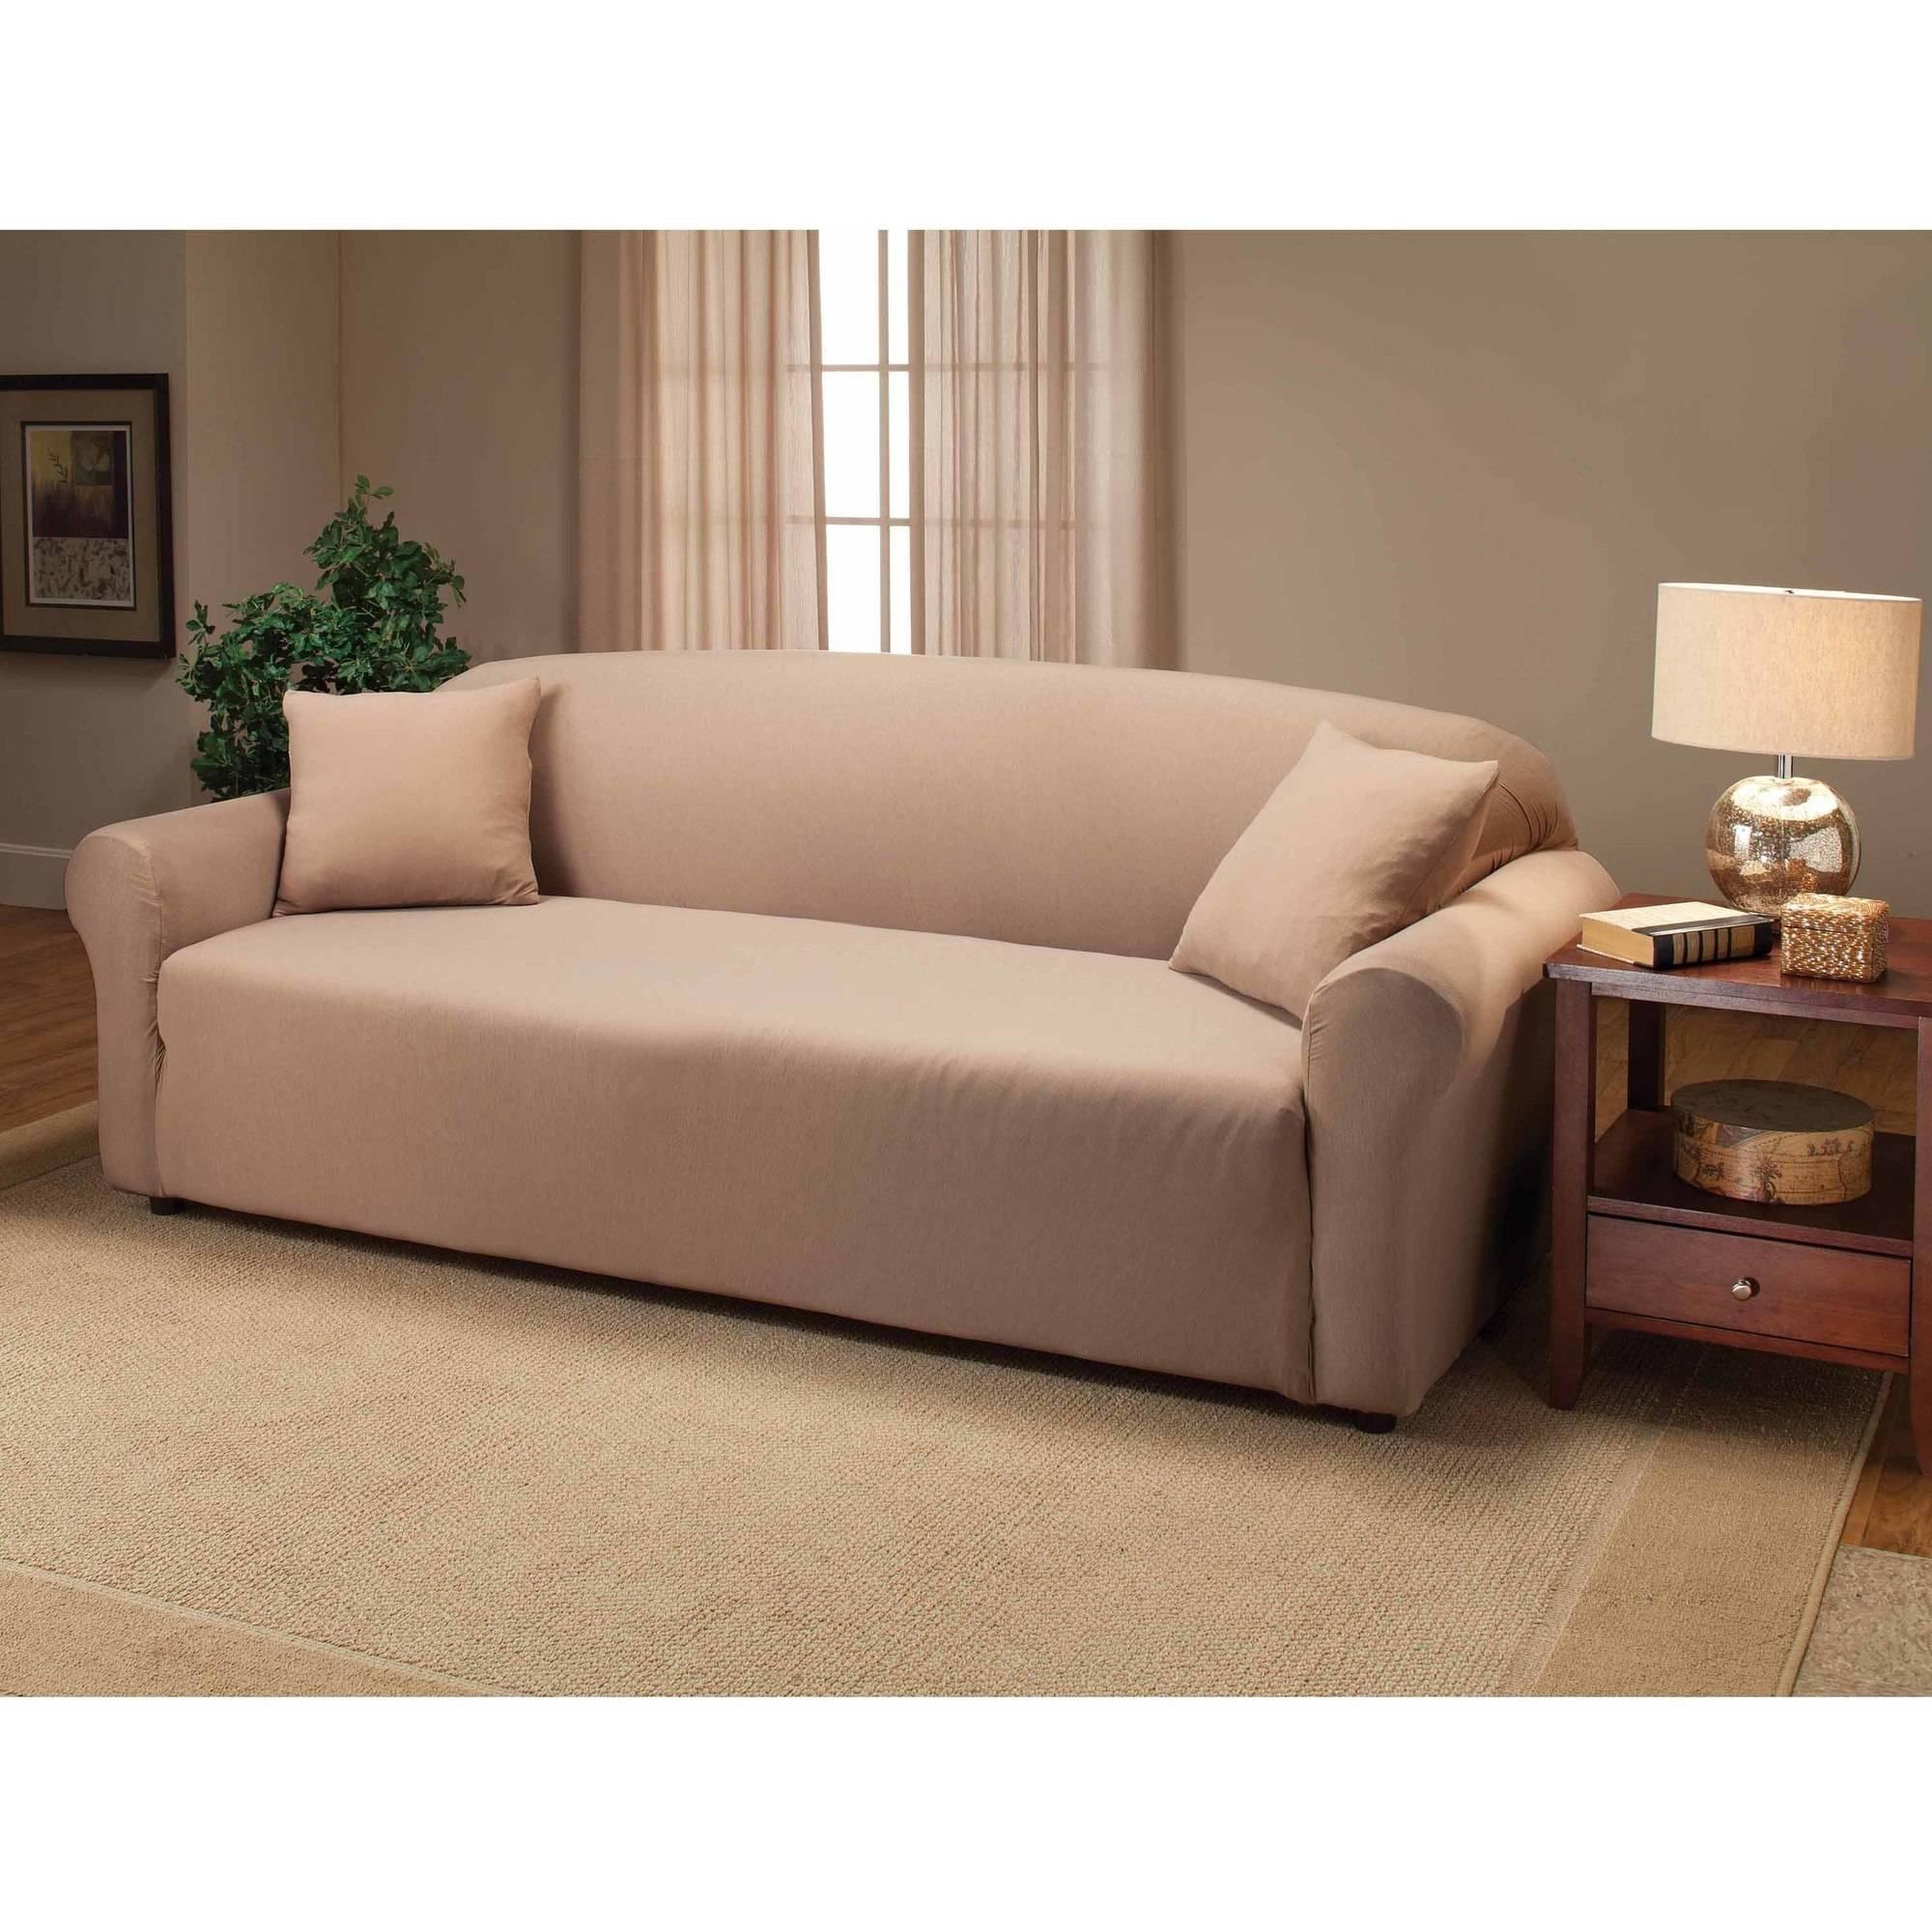 Furniture: Slipcovered Loveseat | Loveseat Slipcover Navy Blue With Sofa Loveseat Slipcovers (Image 15 of 25)